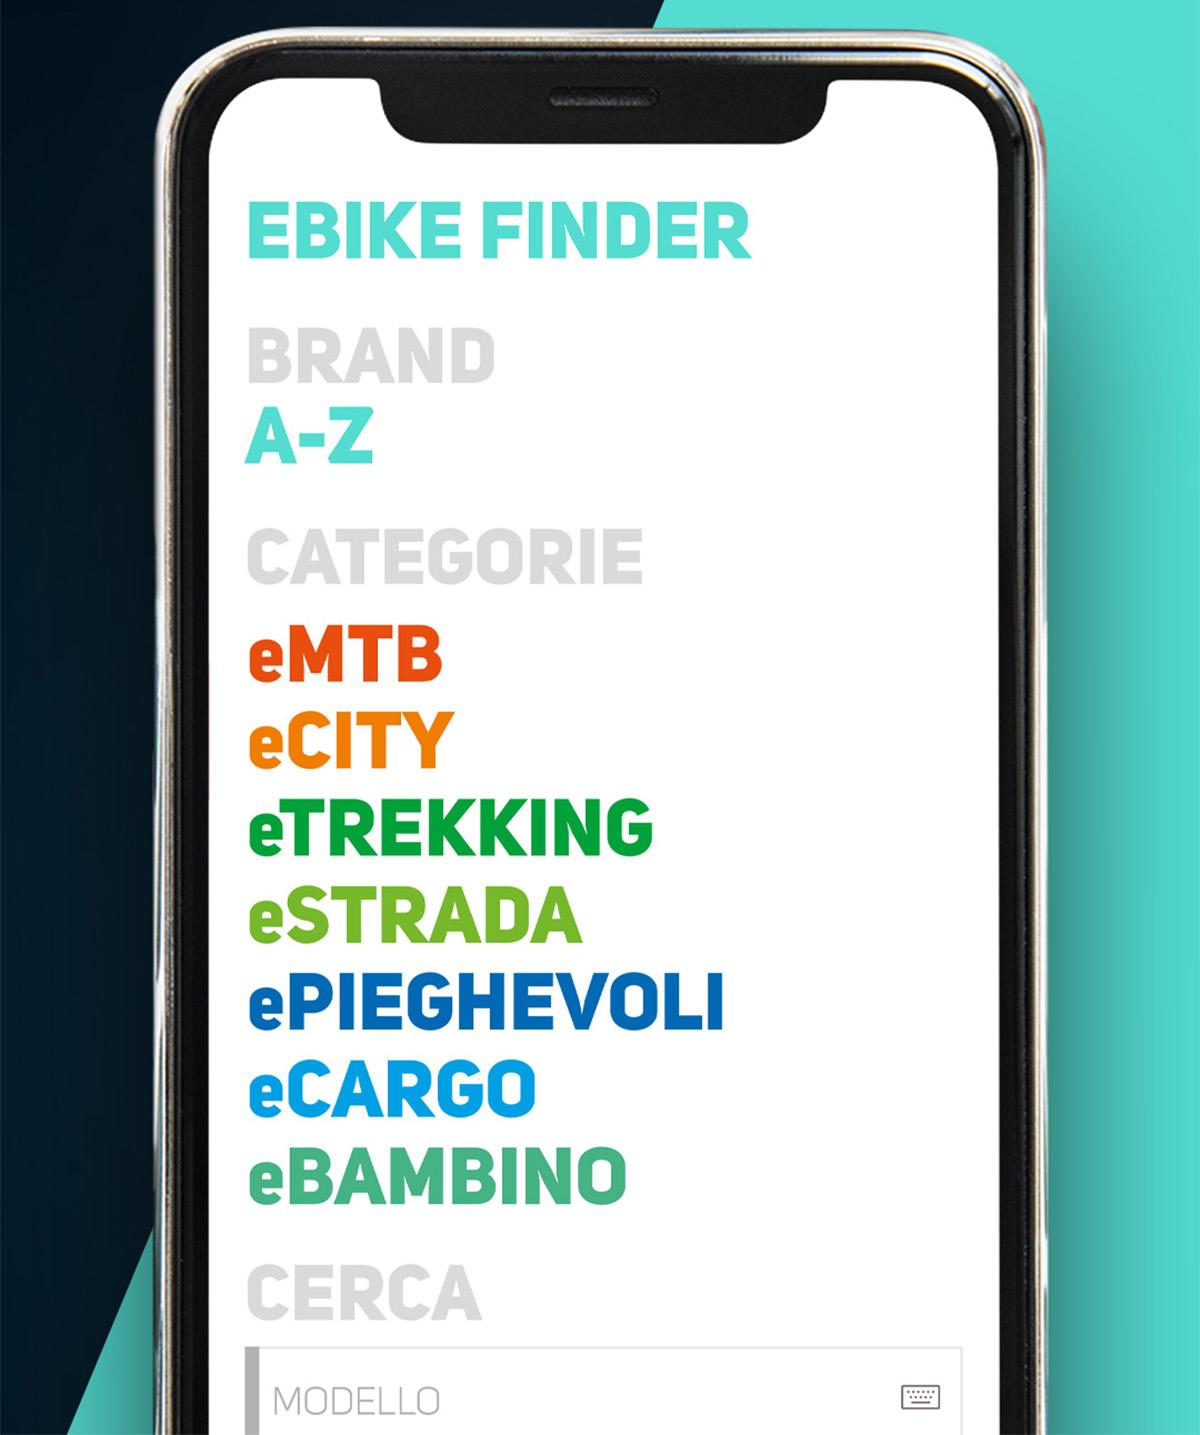 La pagina ebike finder che permette di trovare la giusta ebike nell'app di BiciLive